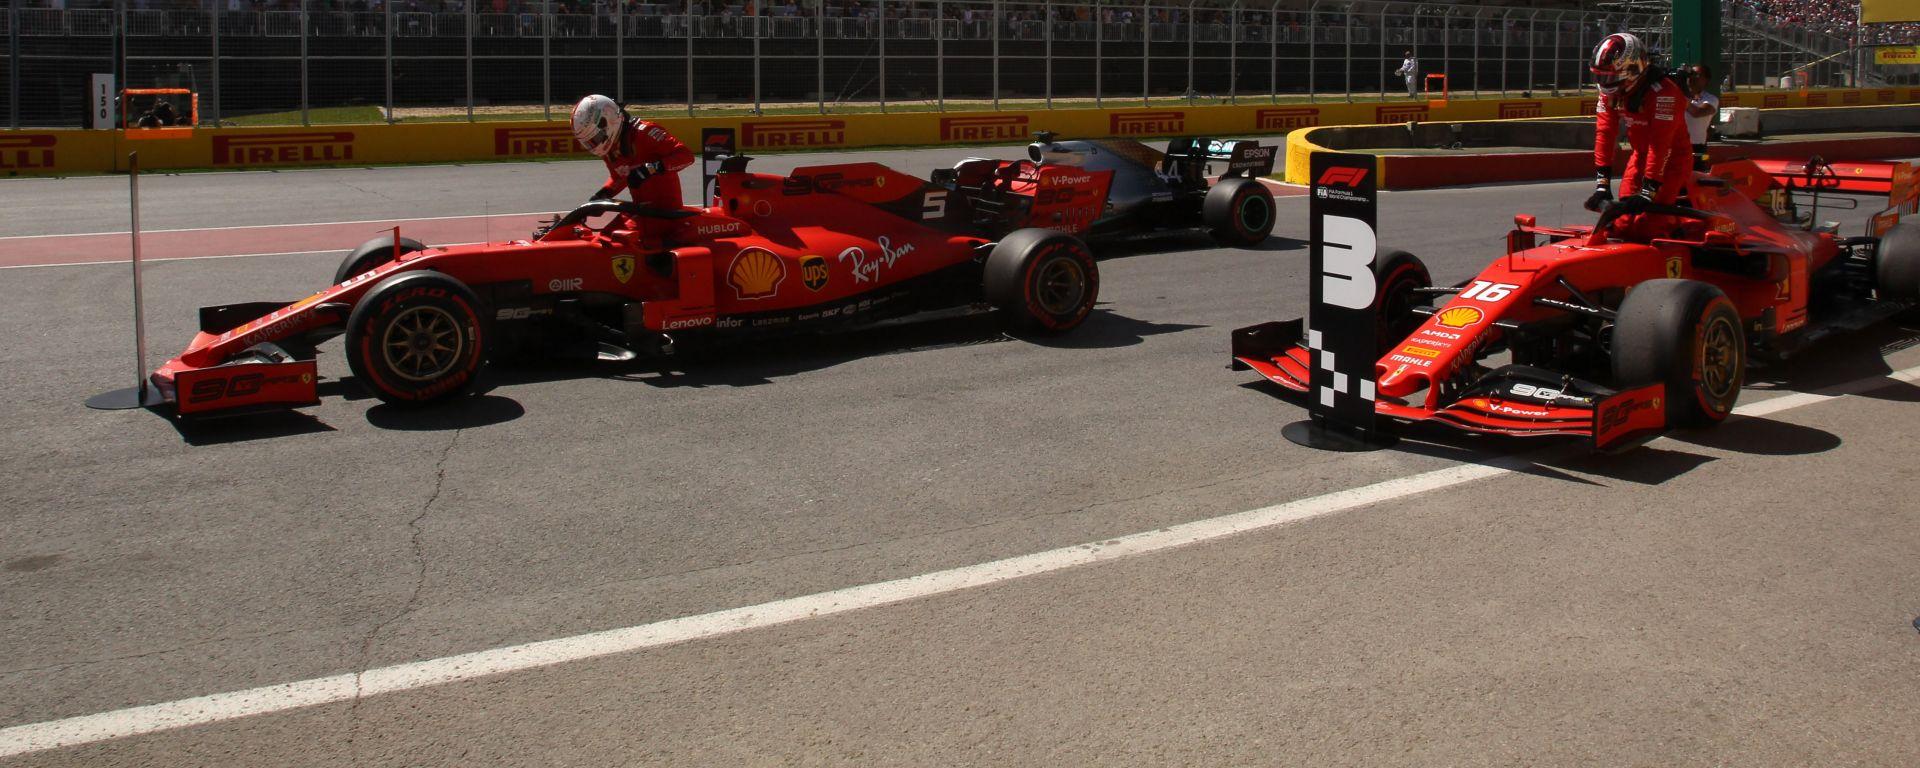 GP Canada, Vettel parcheggia la sua SF90 dopo la pole position